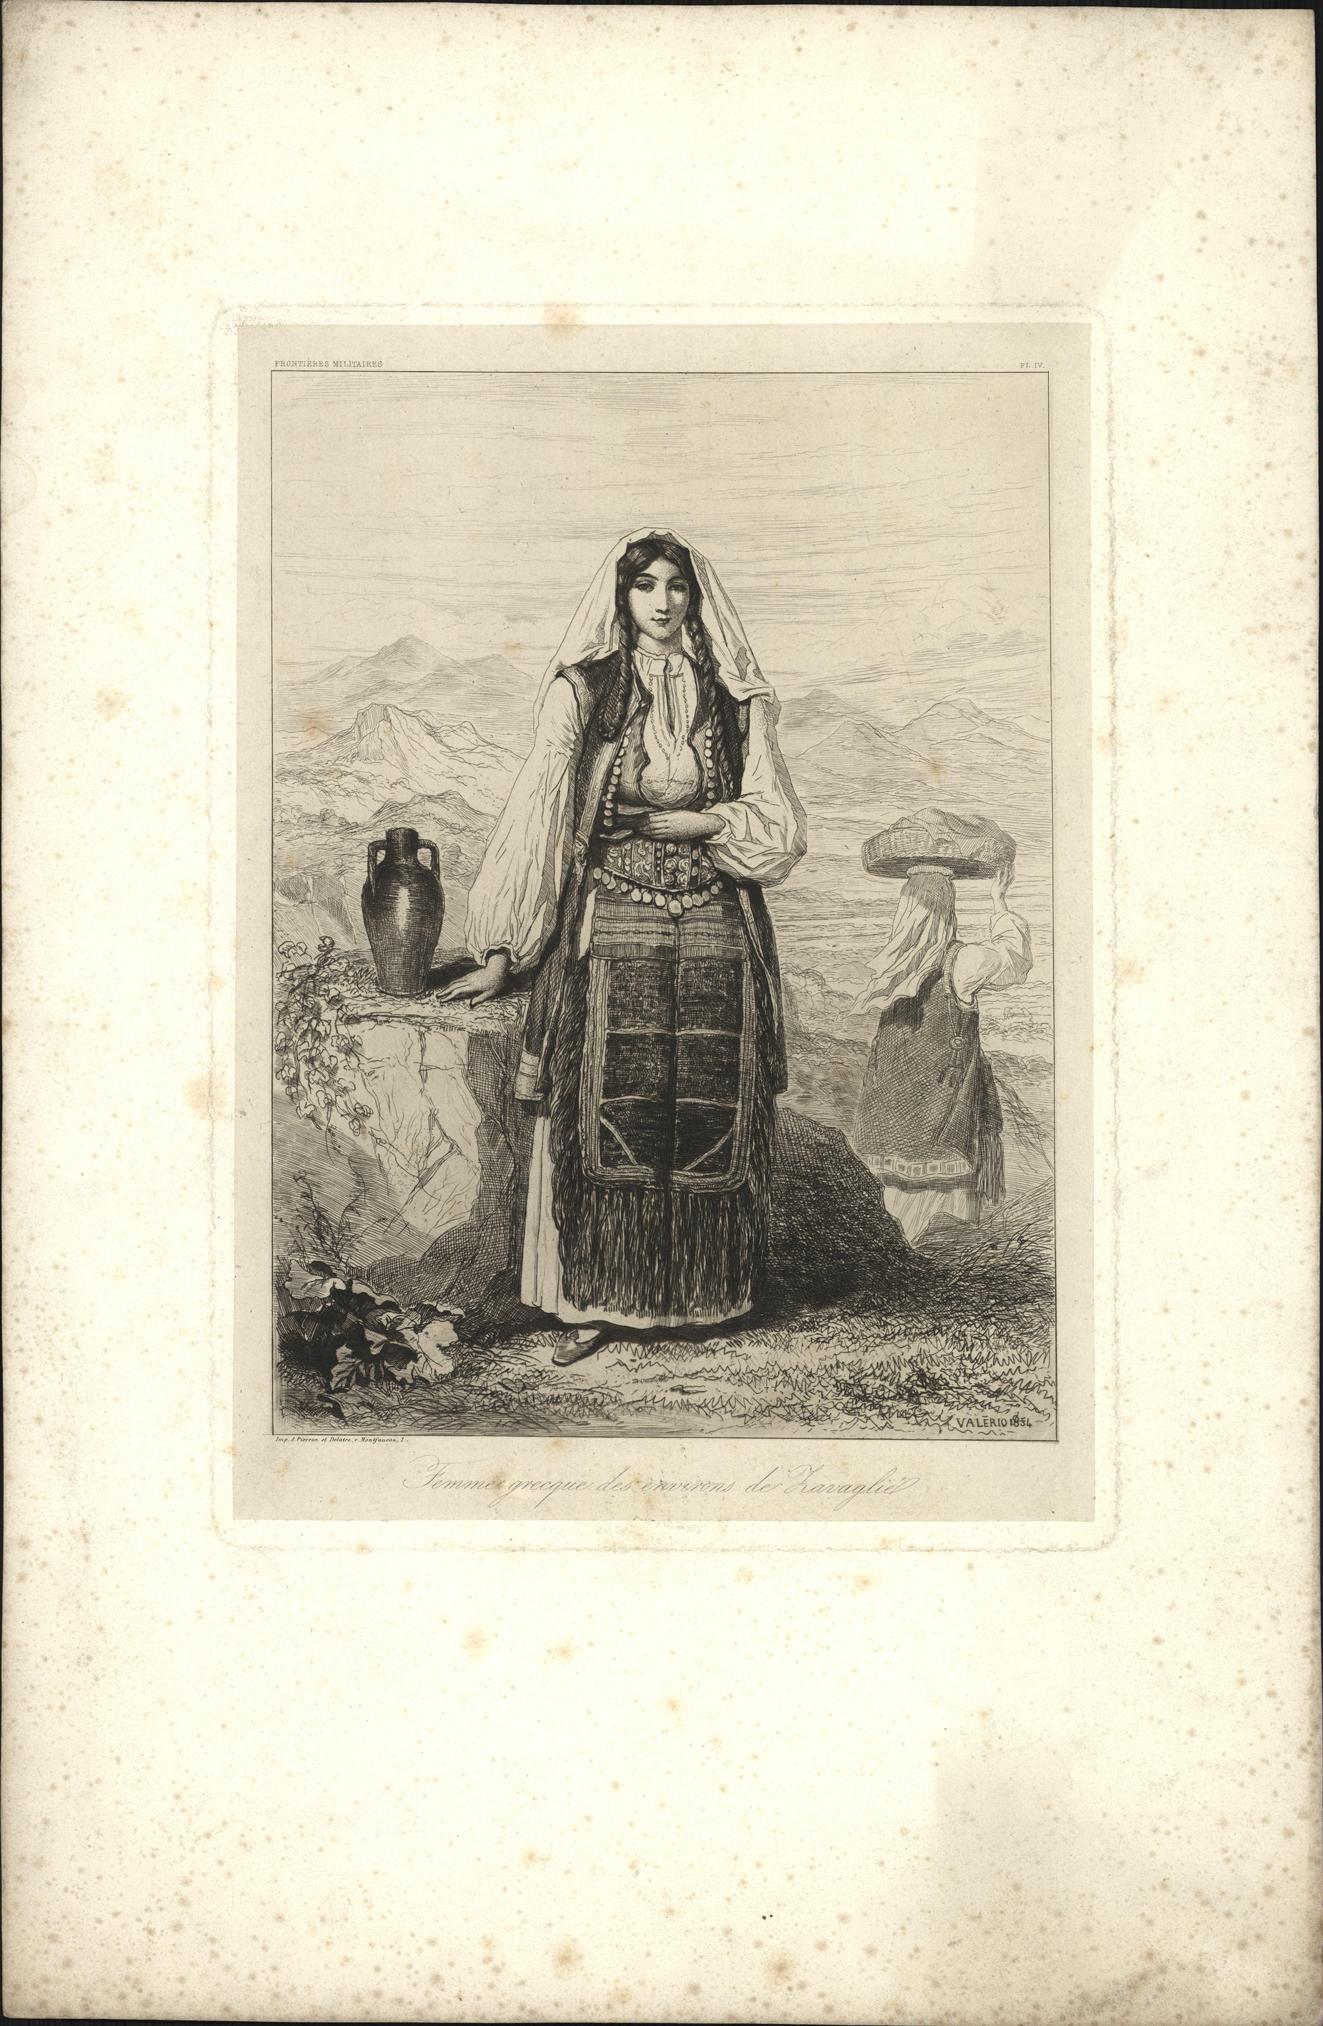 Vrouw in Griekse klederdracht